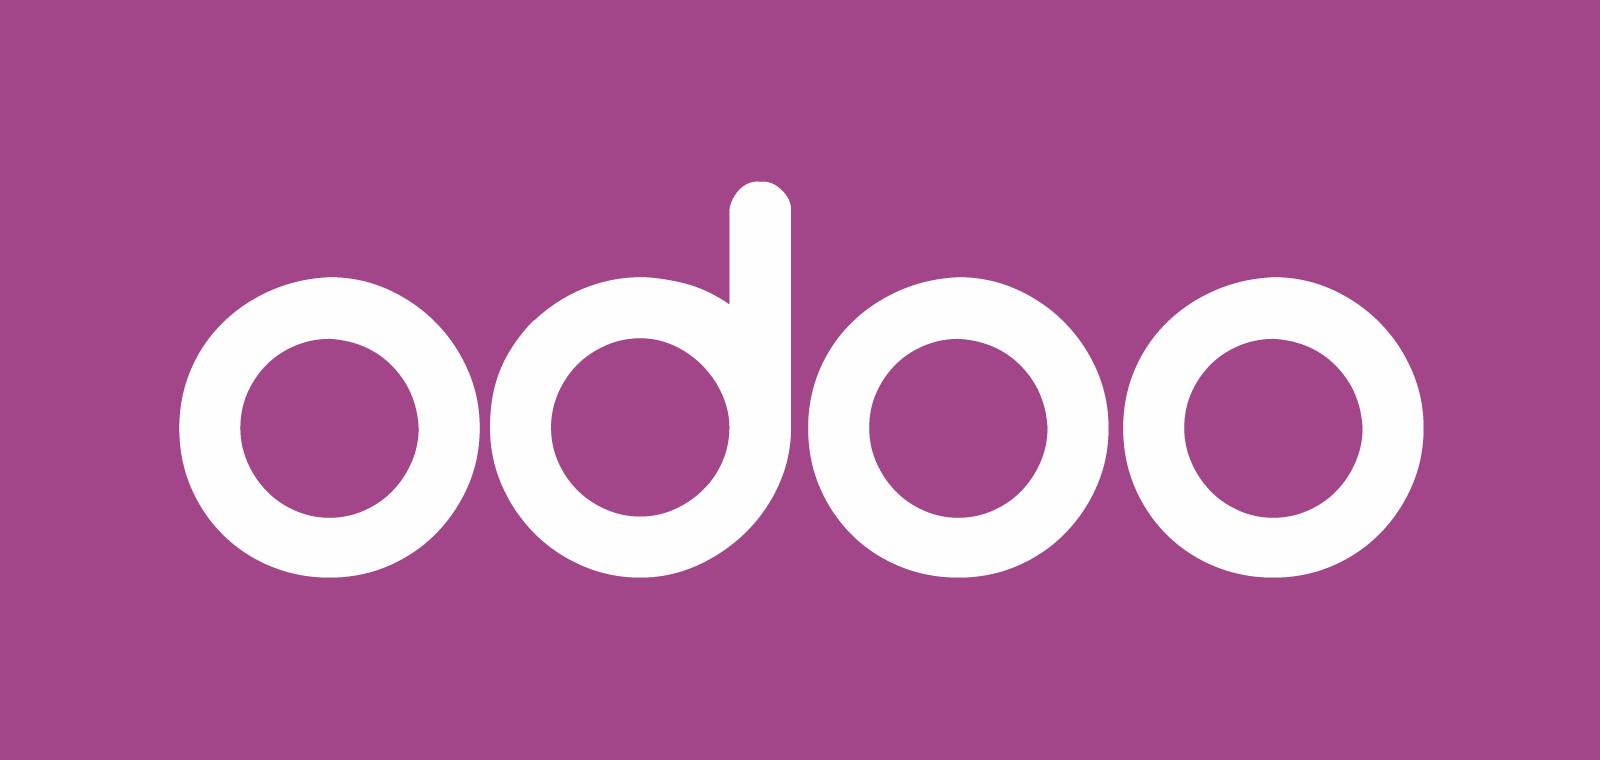 Odoo Services in Perth WA